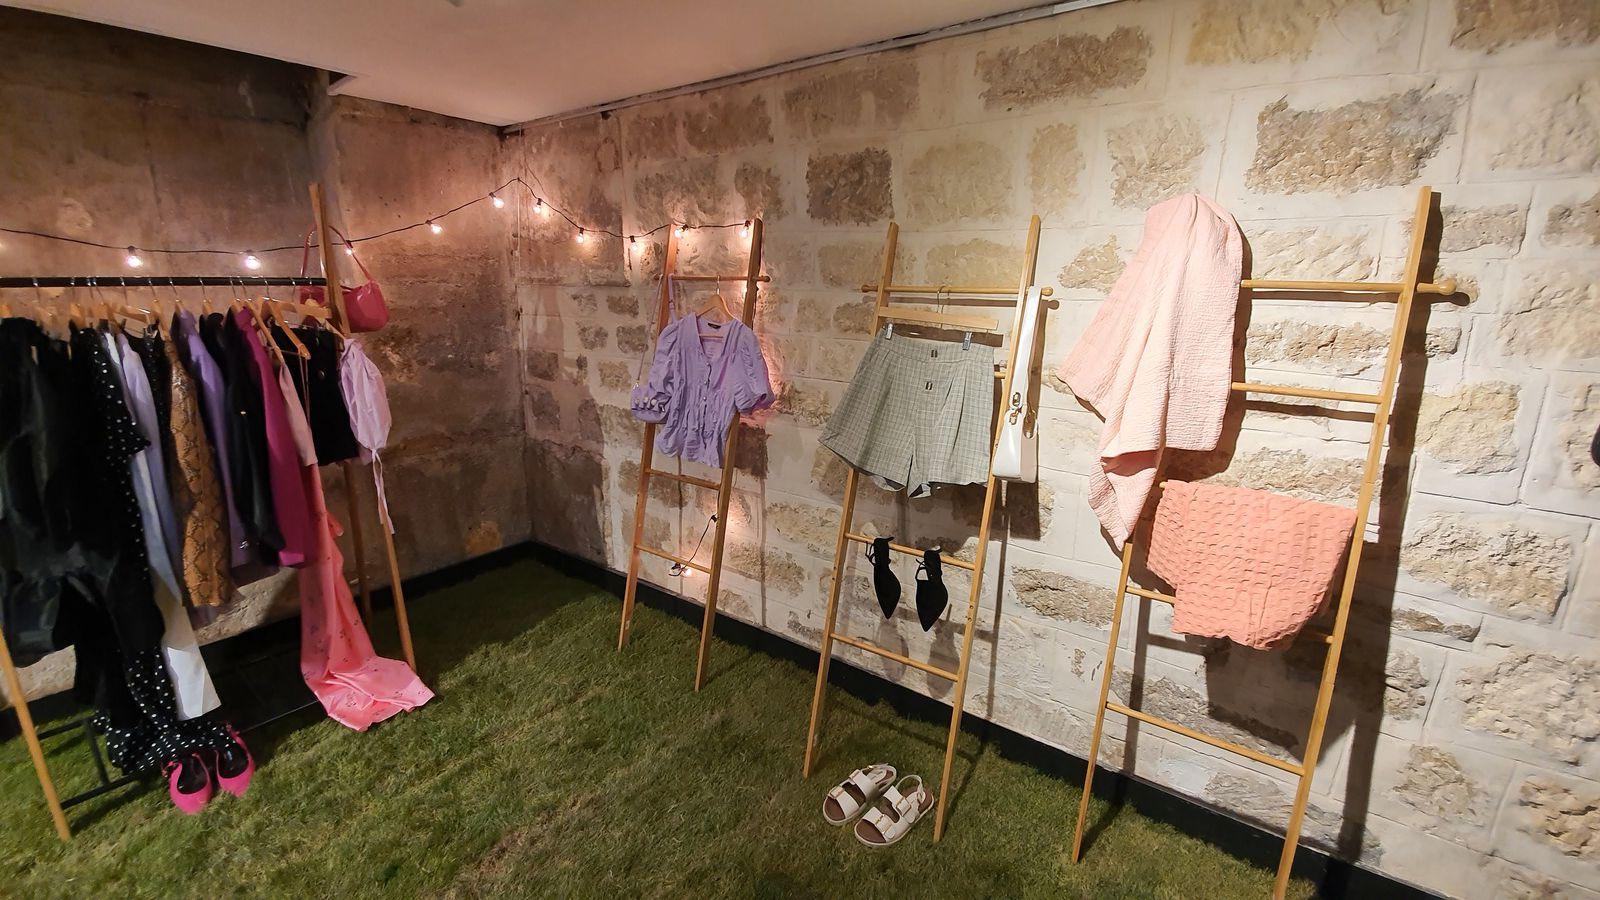 Pop up Aliexpress Paris : après le New-Retail, Alibaba teste le New-Store ? Une boutique simple mais qui en cache beaucoup ... Part 1 / 2.